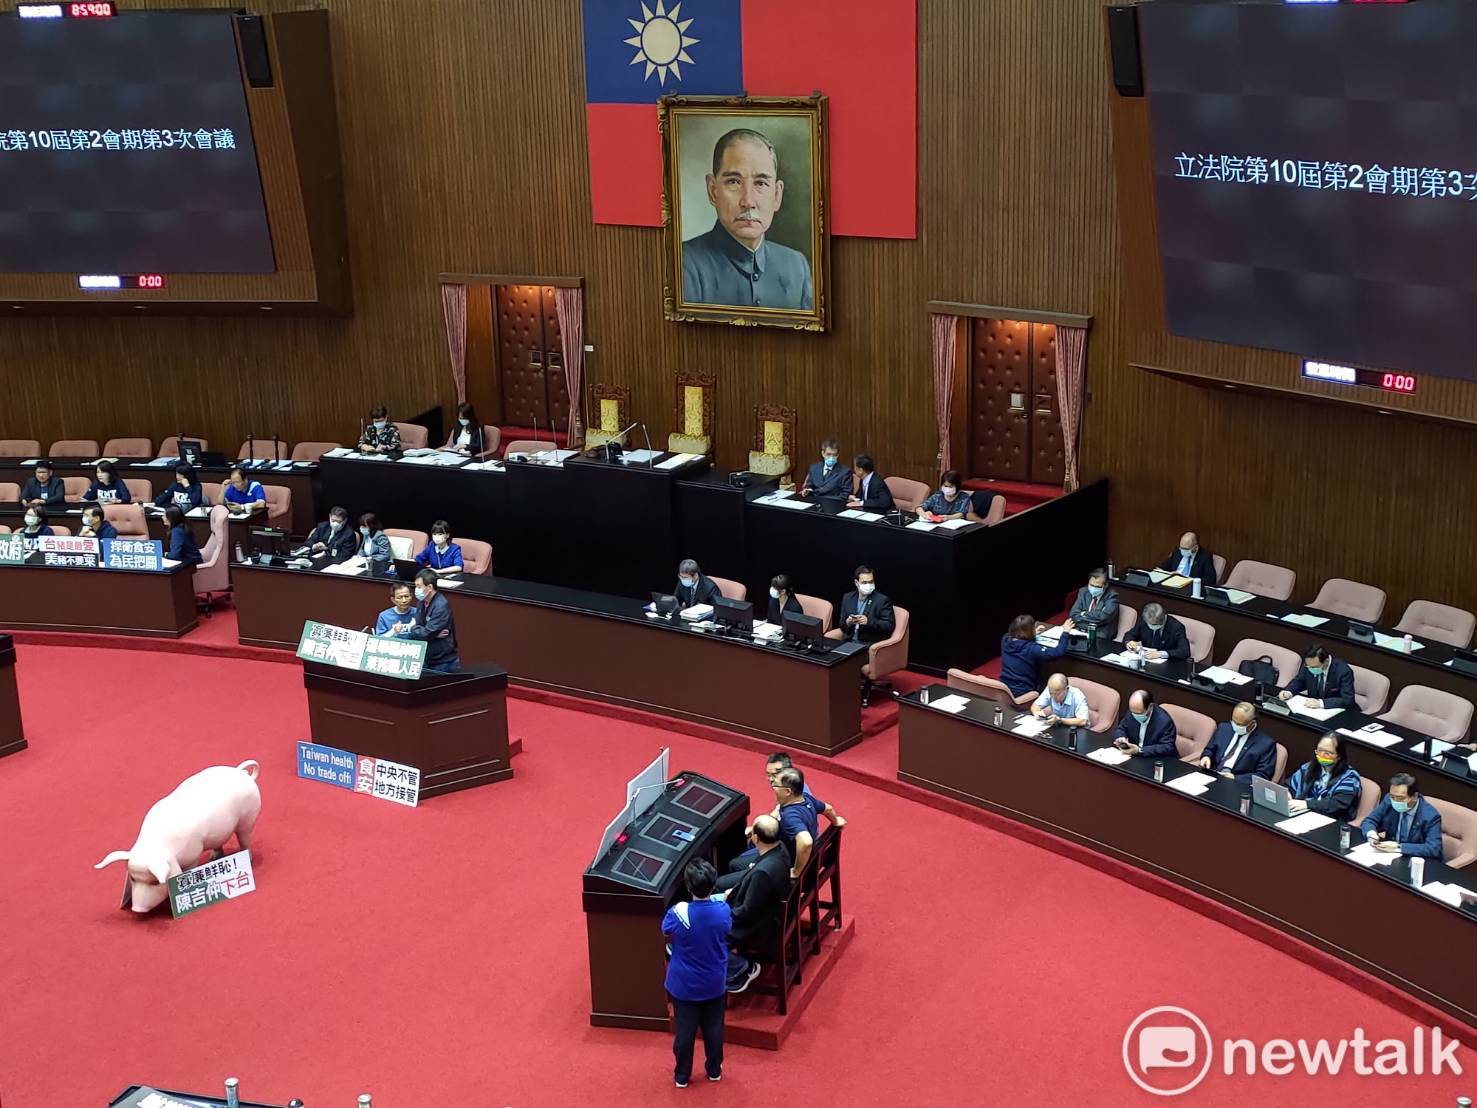 國民黨立法院黨團再度杯葛議事,不讓行政院長蘇貞昌進行施政報告。   圖:黃建豪/攝